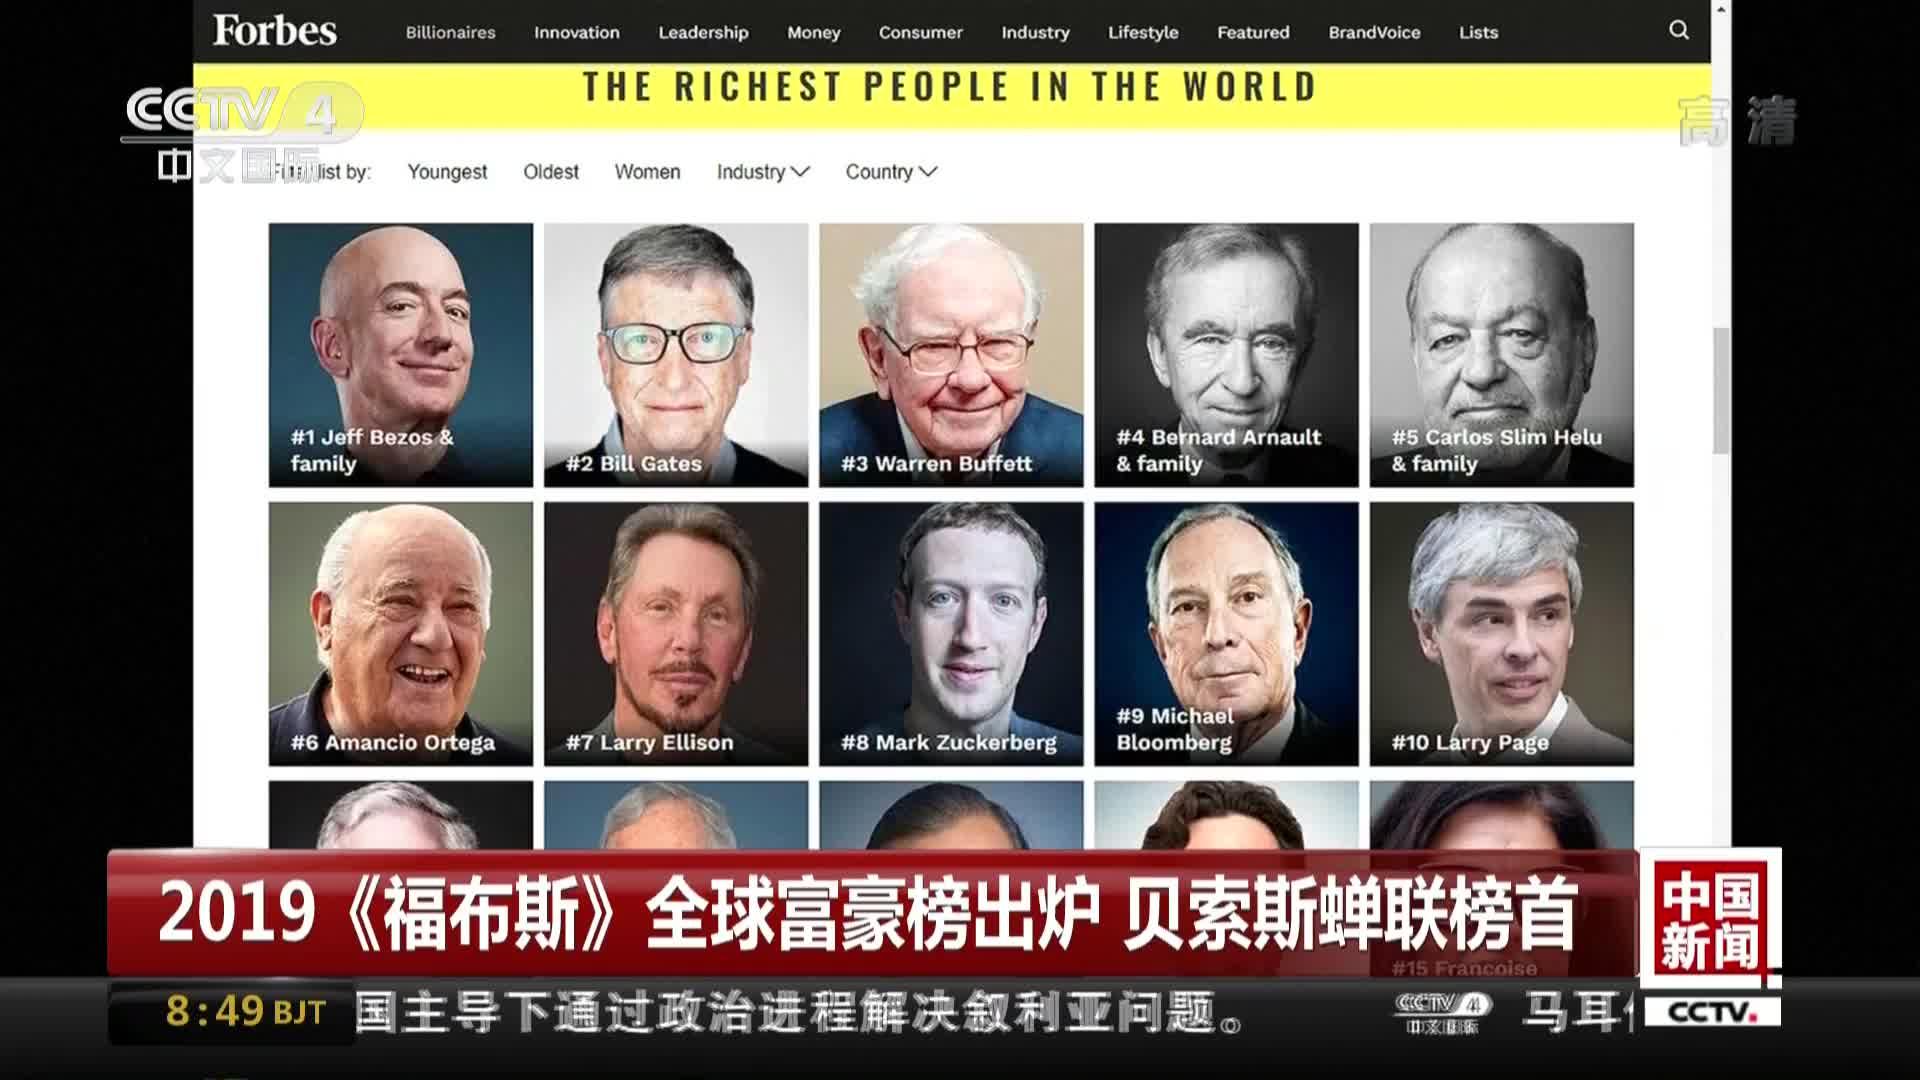 [视频]2019《福布斯》全球富豪榜出炉 贝索斯蝉联榜首